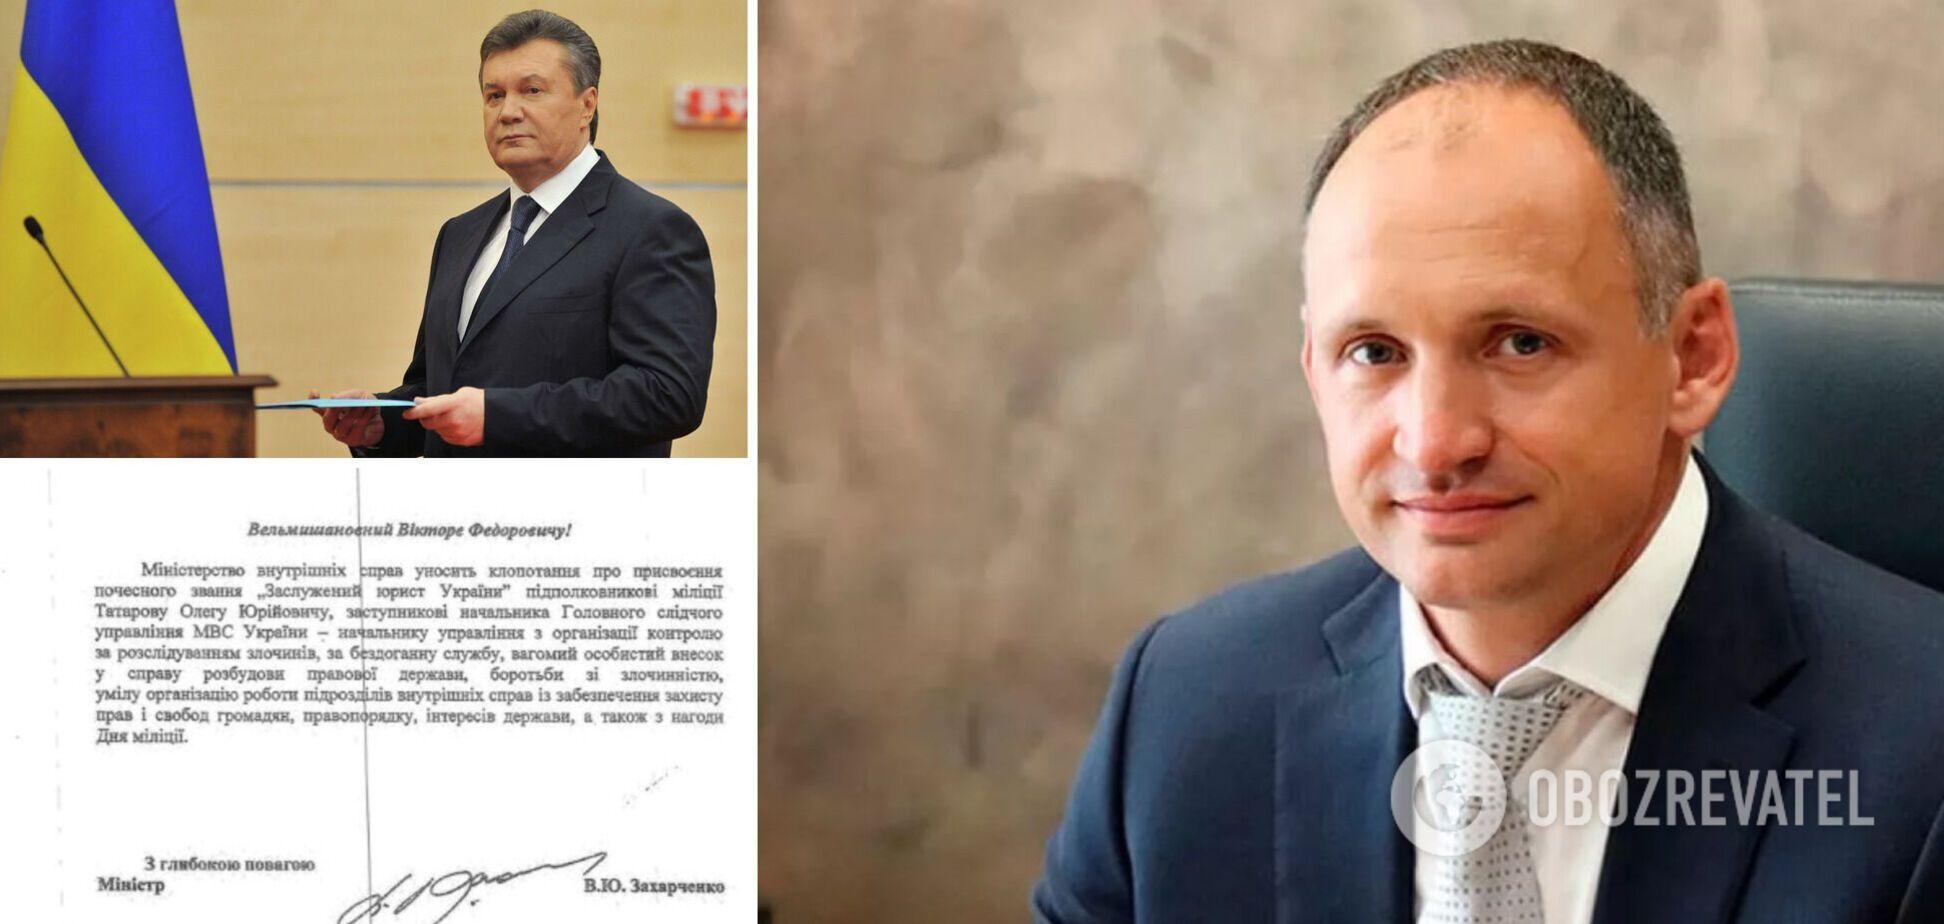 Татаров виявився заслуженим: журналісти з'ясували, як Янукович оцінив правоохоронну діяльність міліціонера. Документ